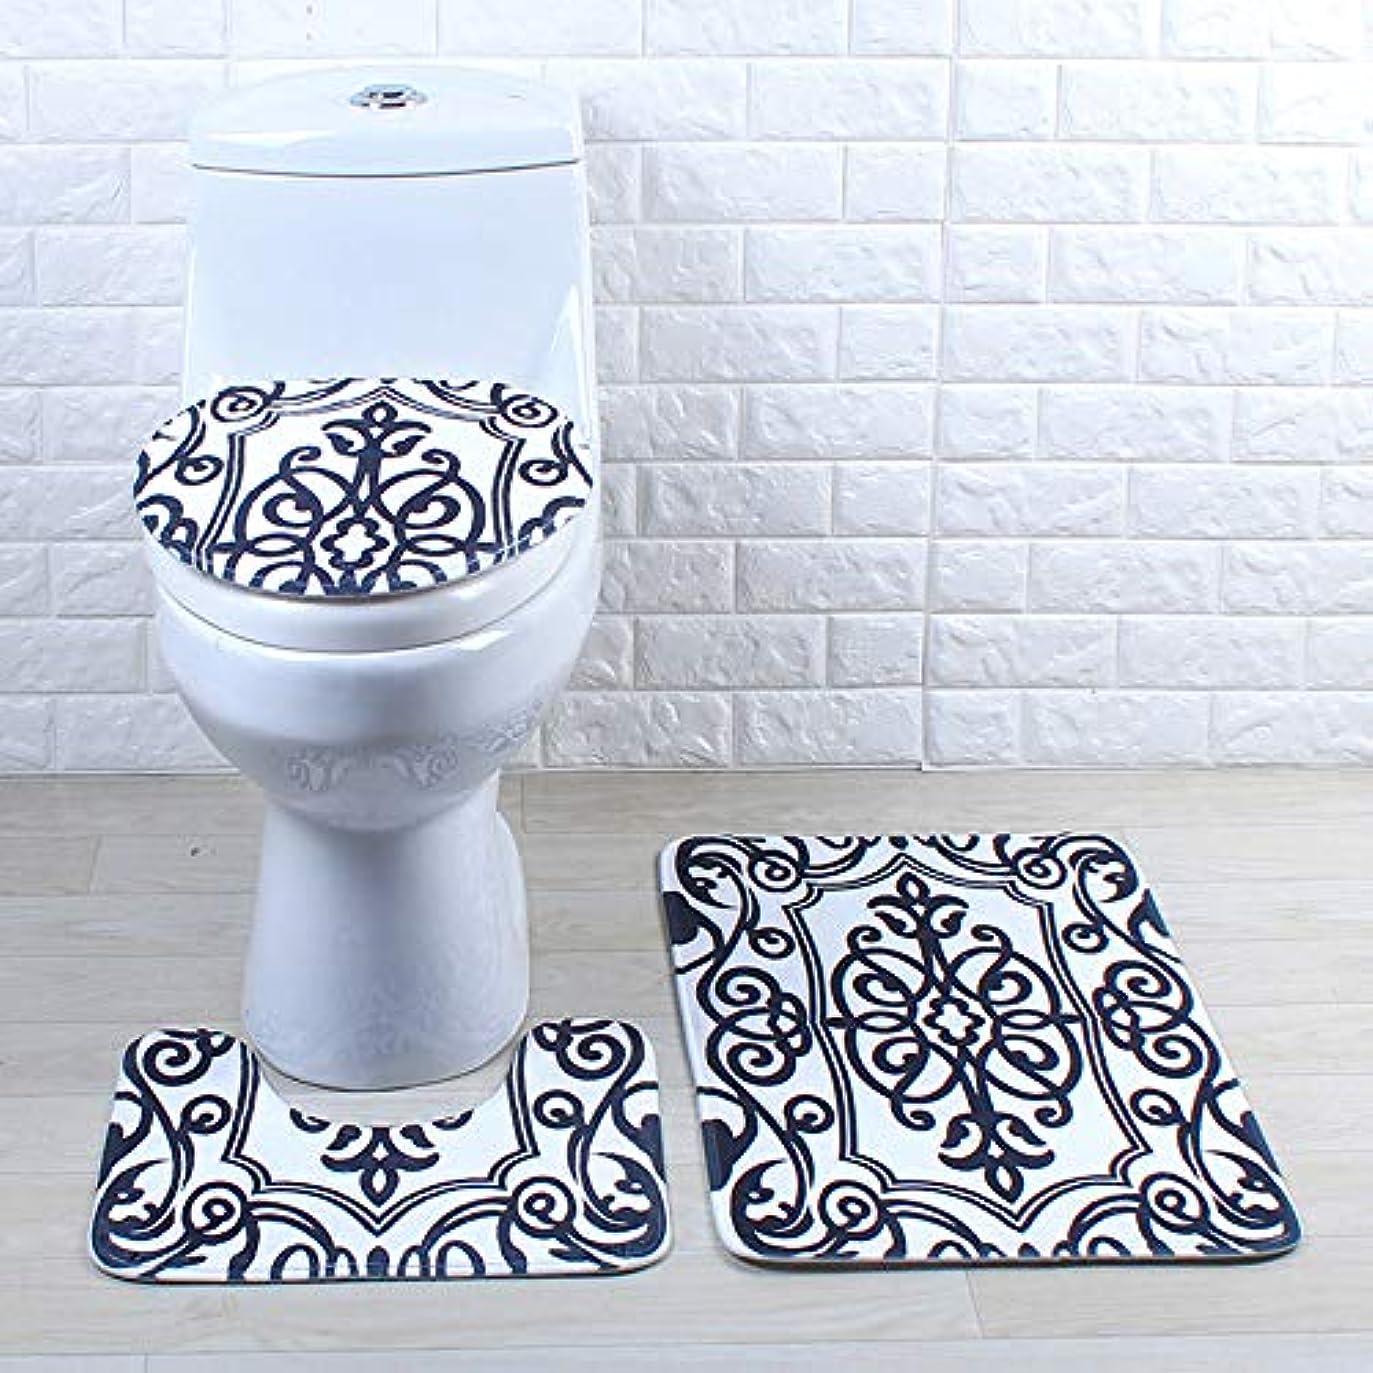 サミュエルワーディアンケース更新する3ピース/セットオーシャンパターンバスマット浴室滑り止めマットセットフランネル吸収トイレシートカバー敷物バスルームアクセサリー (L)